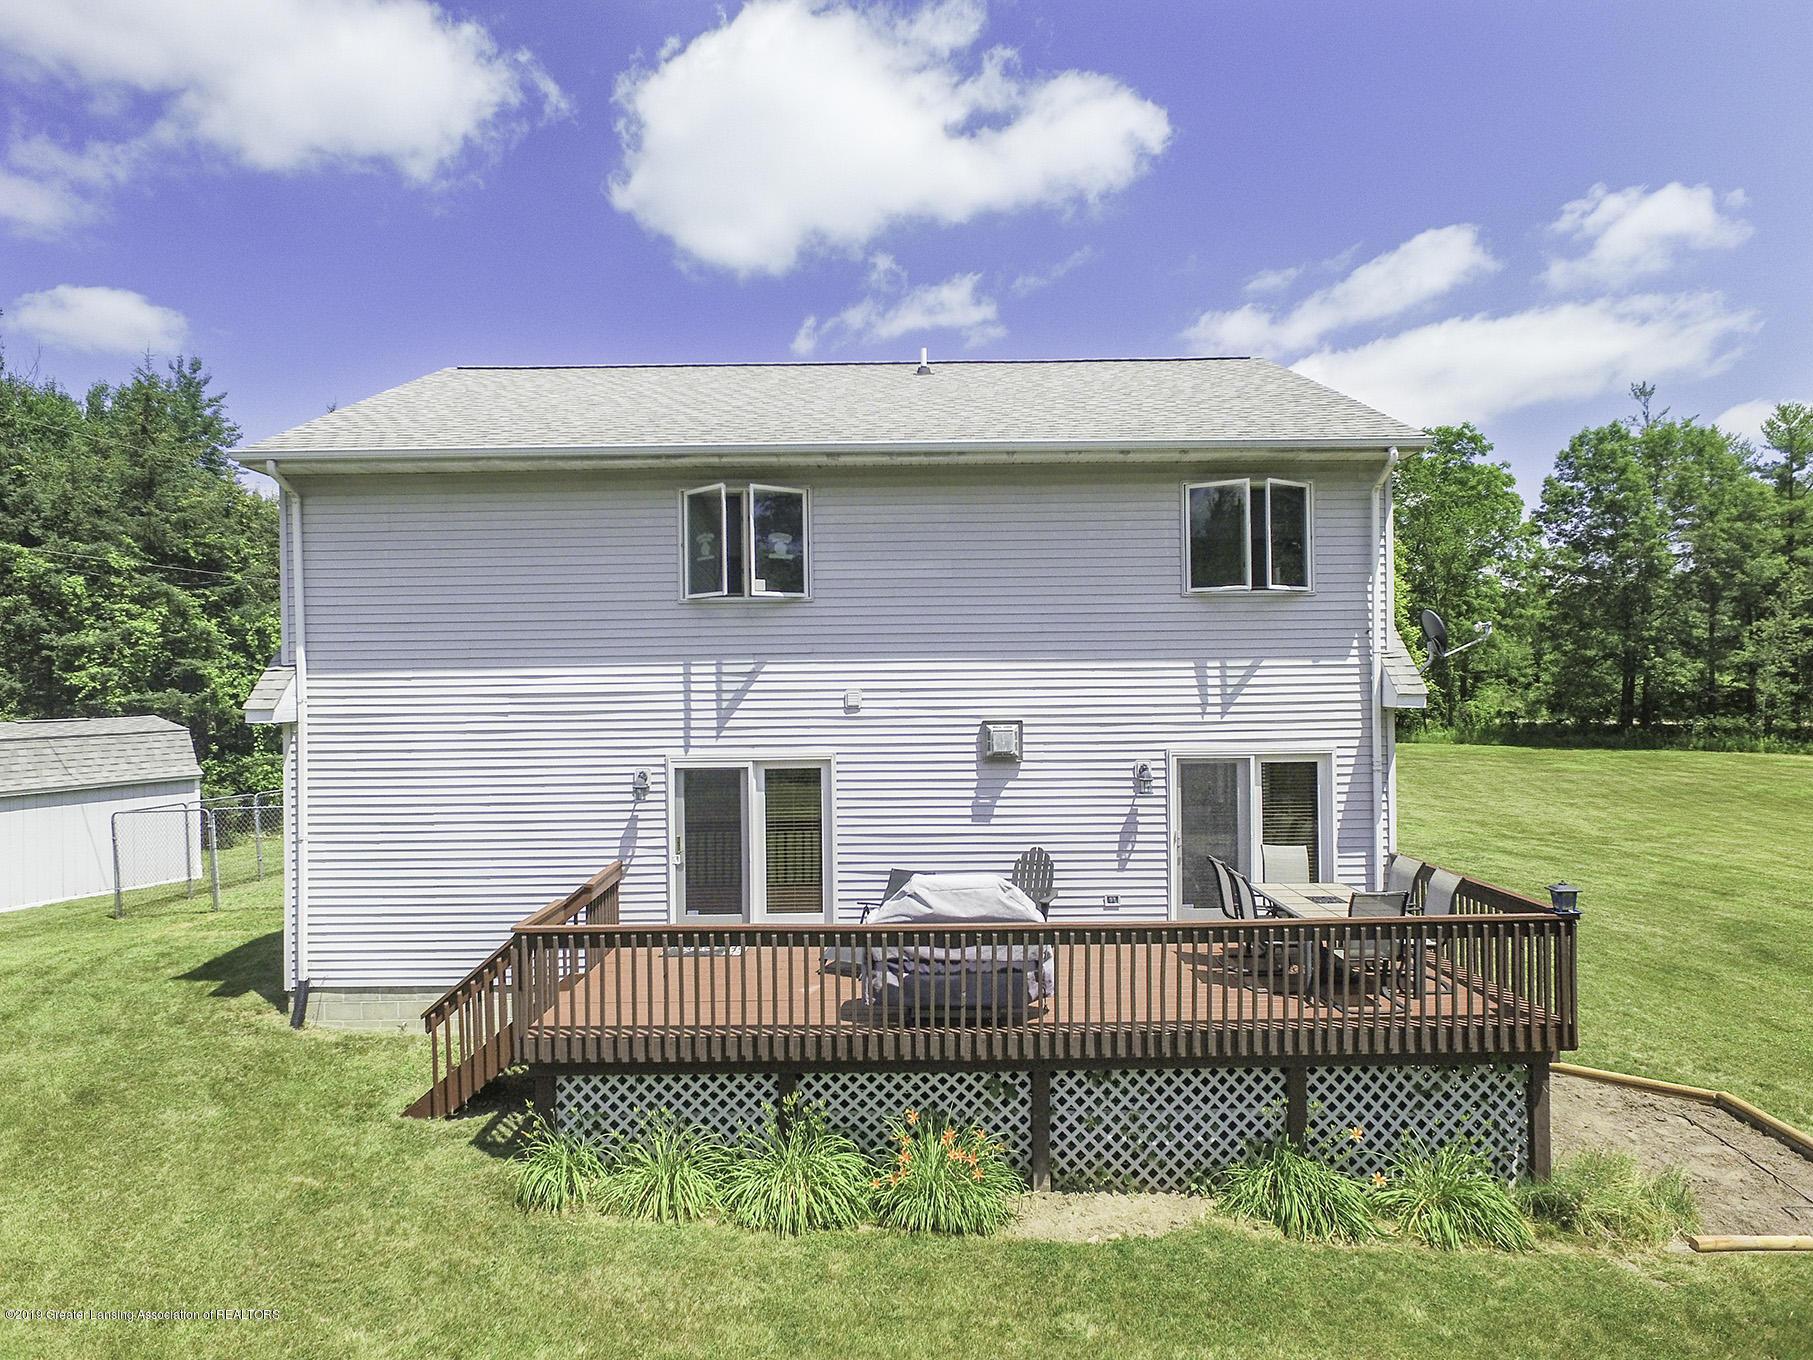 9088 Colby Lake Rd - DJI_0006 - 43